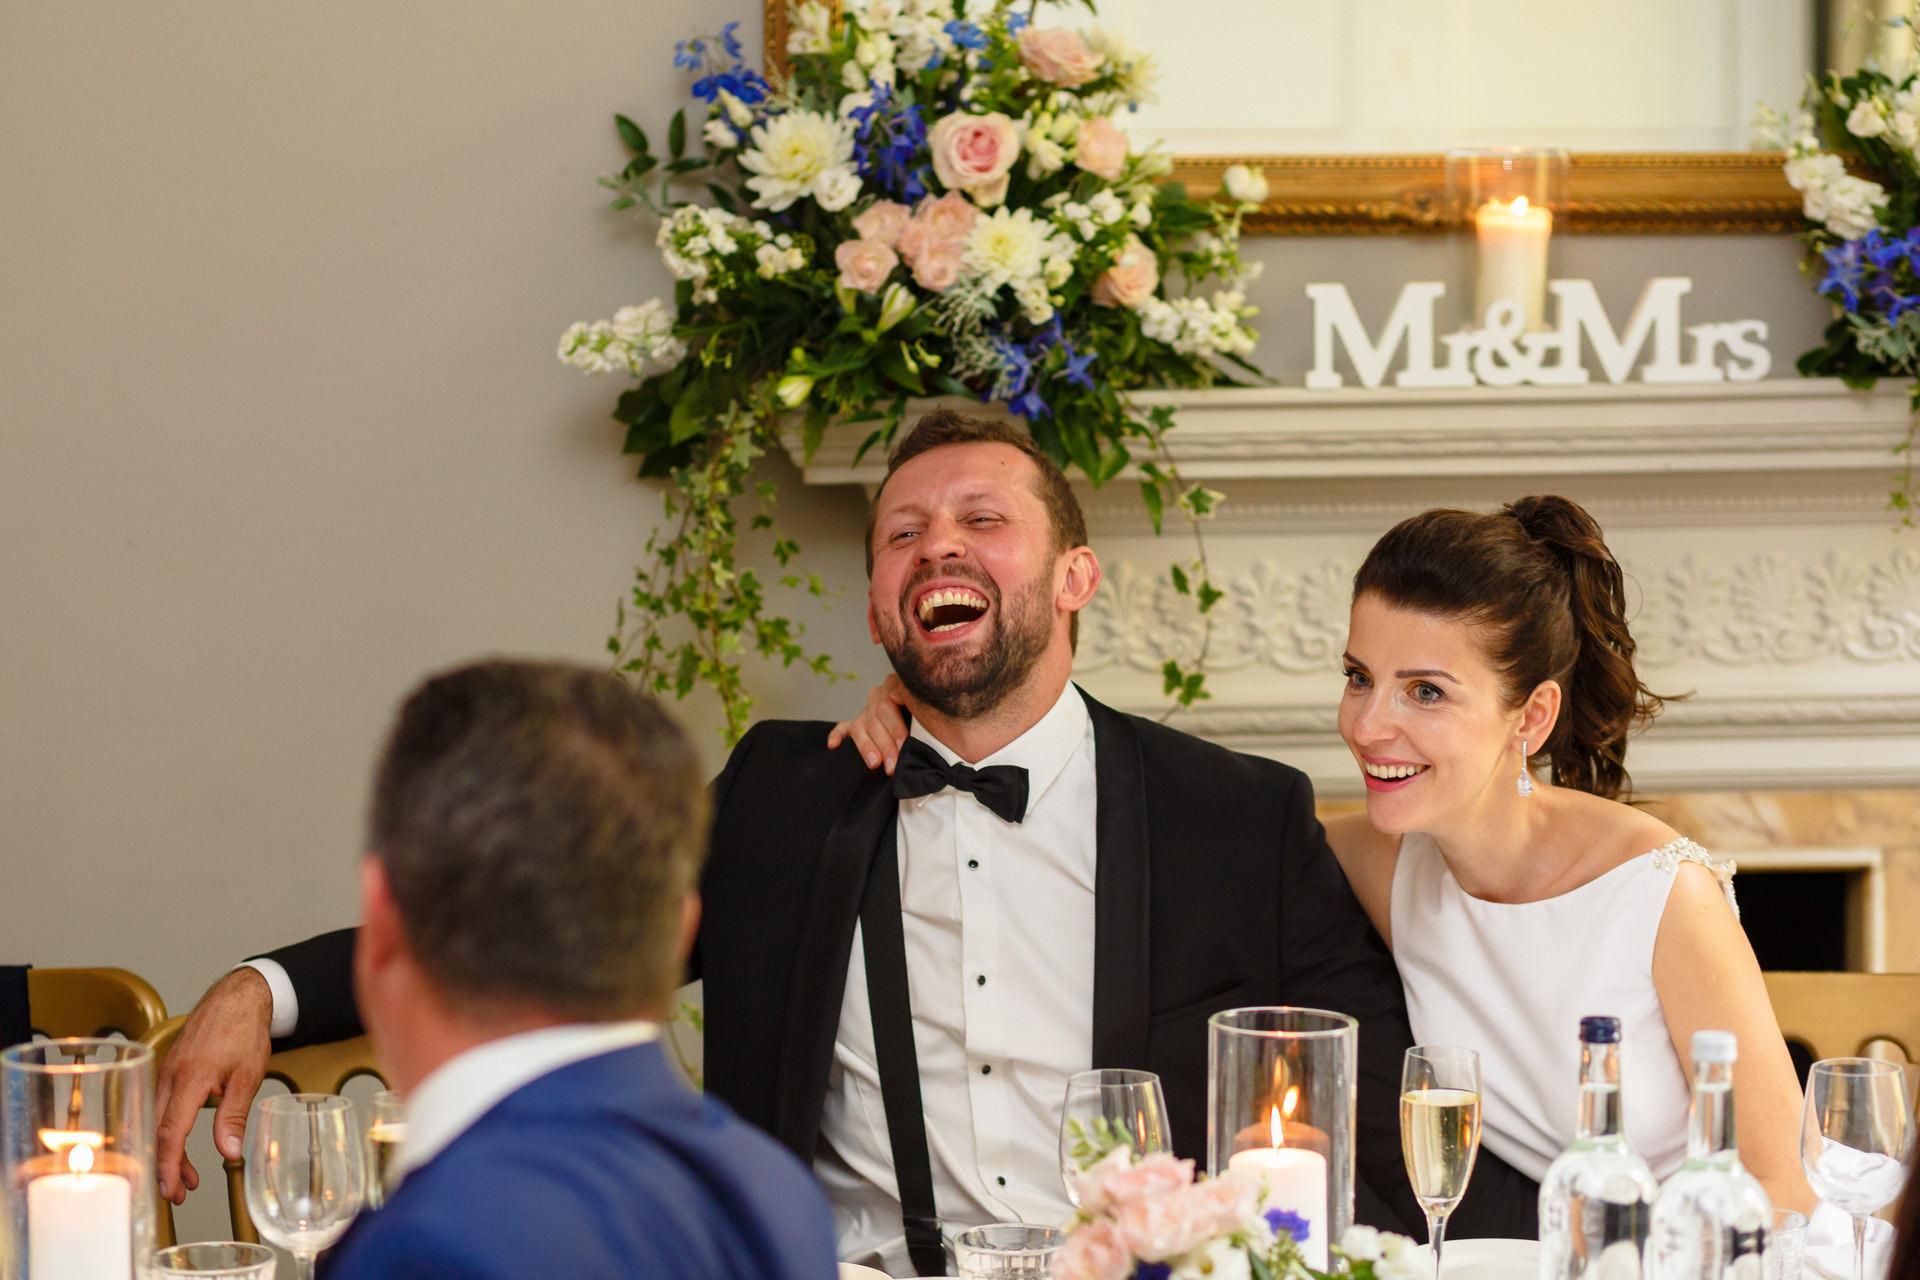 Polski Fotograf pan mlody i pani mloda smieja sie przy stole